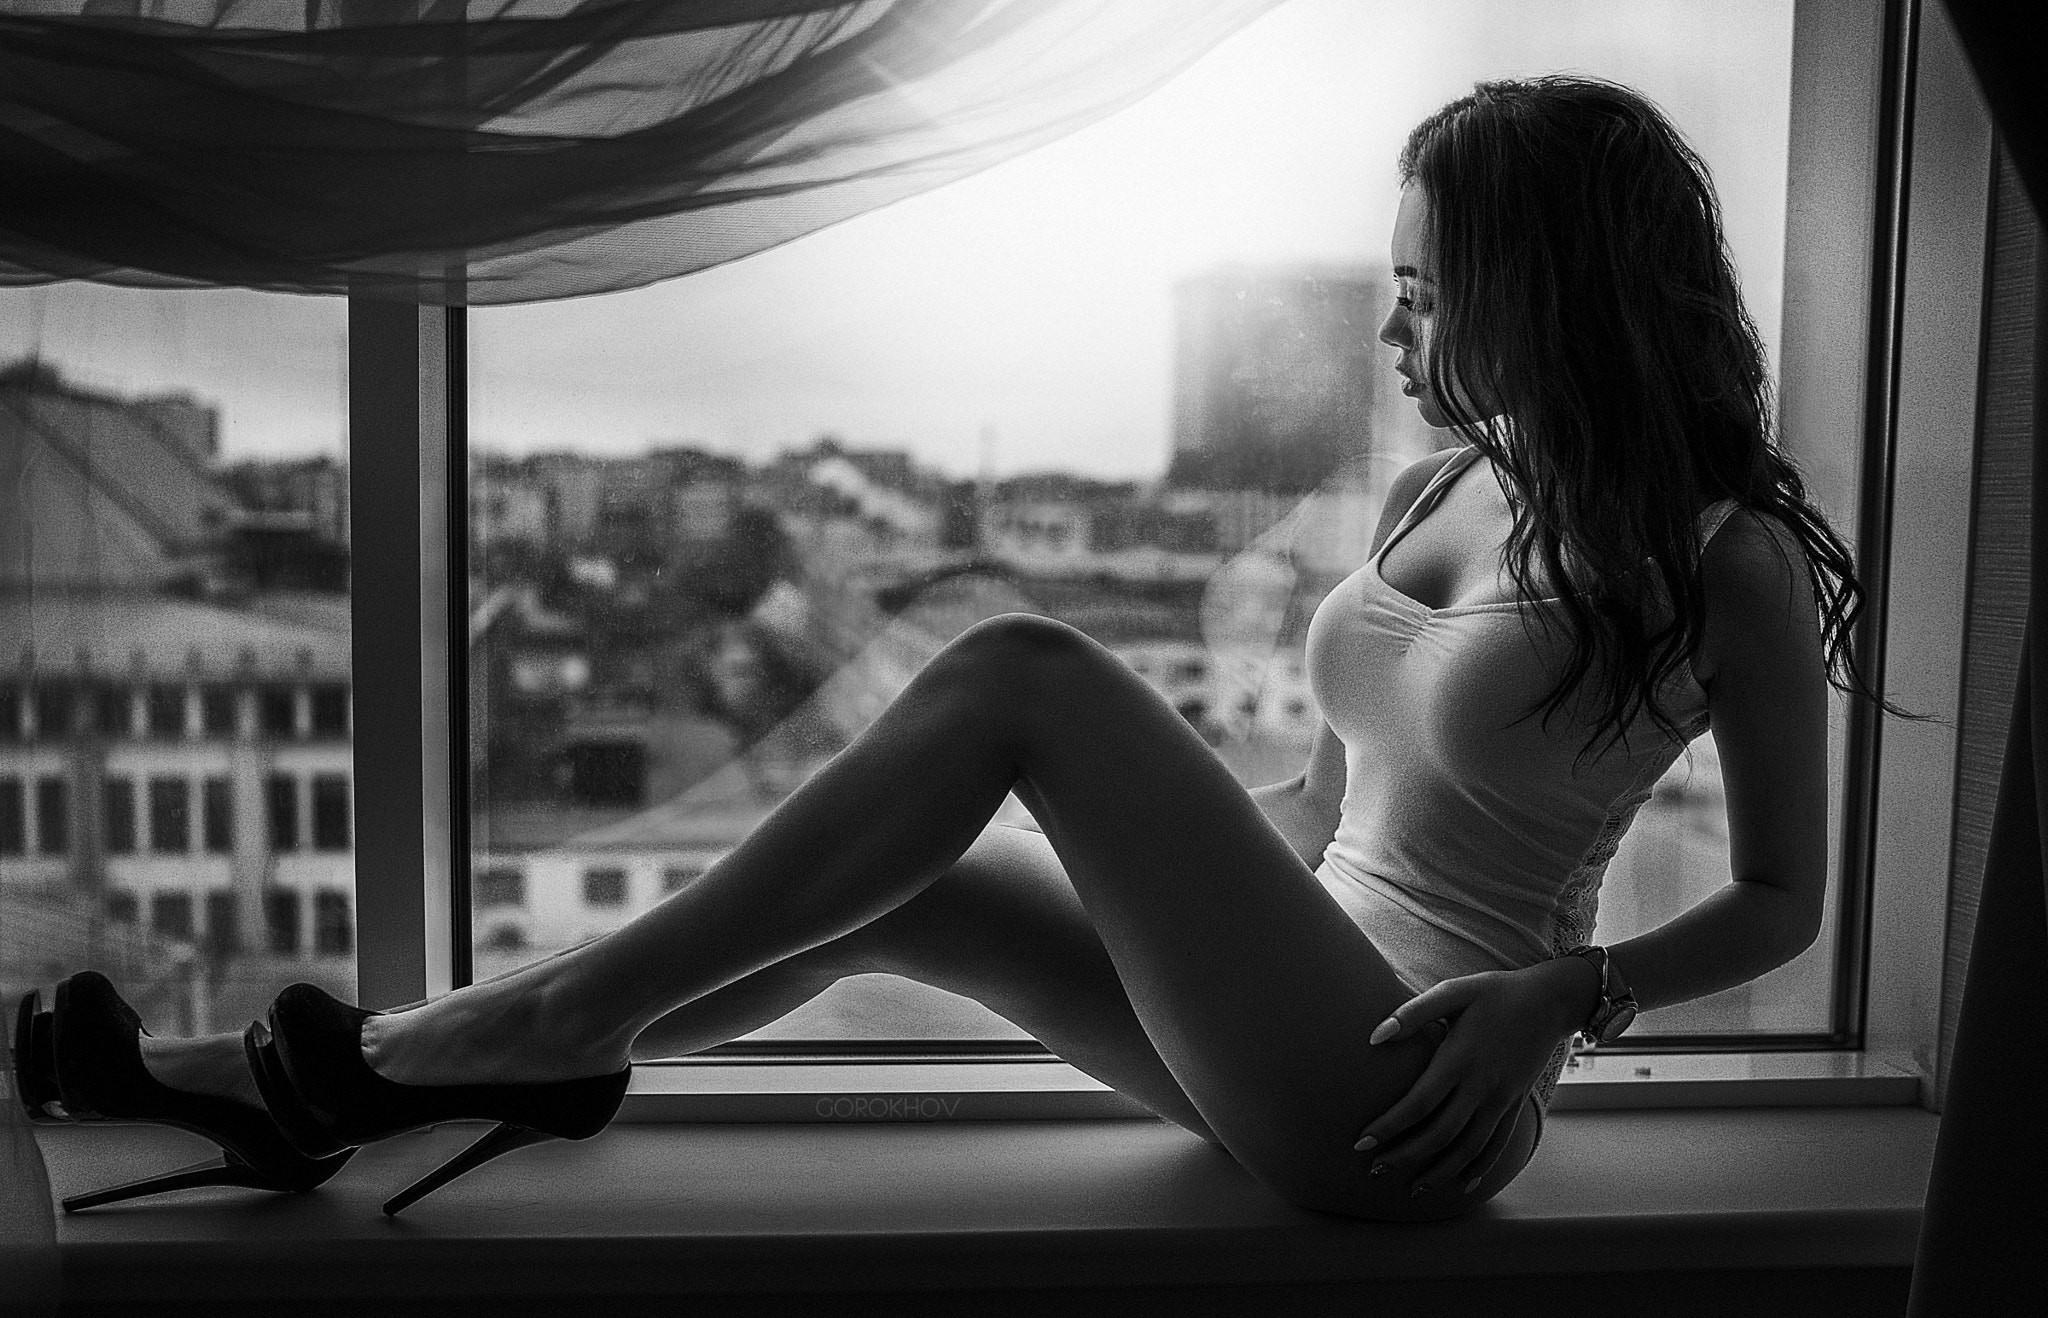 Фото Сексуальная девушка сидит на подоконнике, сексуальные ножки, каблуки, поглаживает бедро, майка, окно, черно-белая эротика, скачать картинку бесплатно